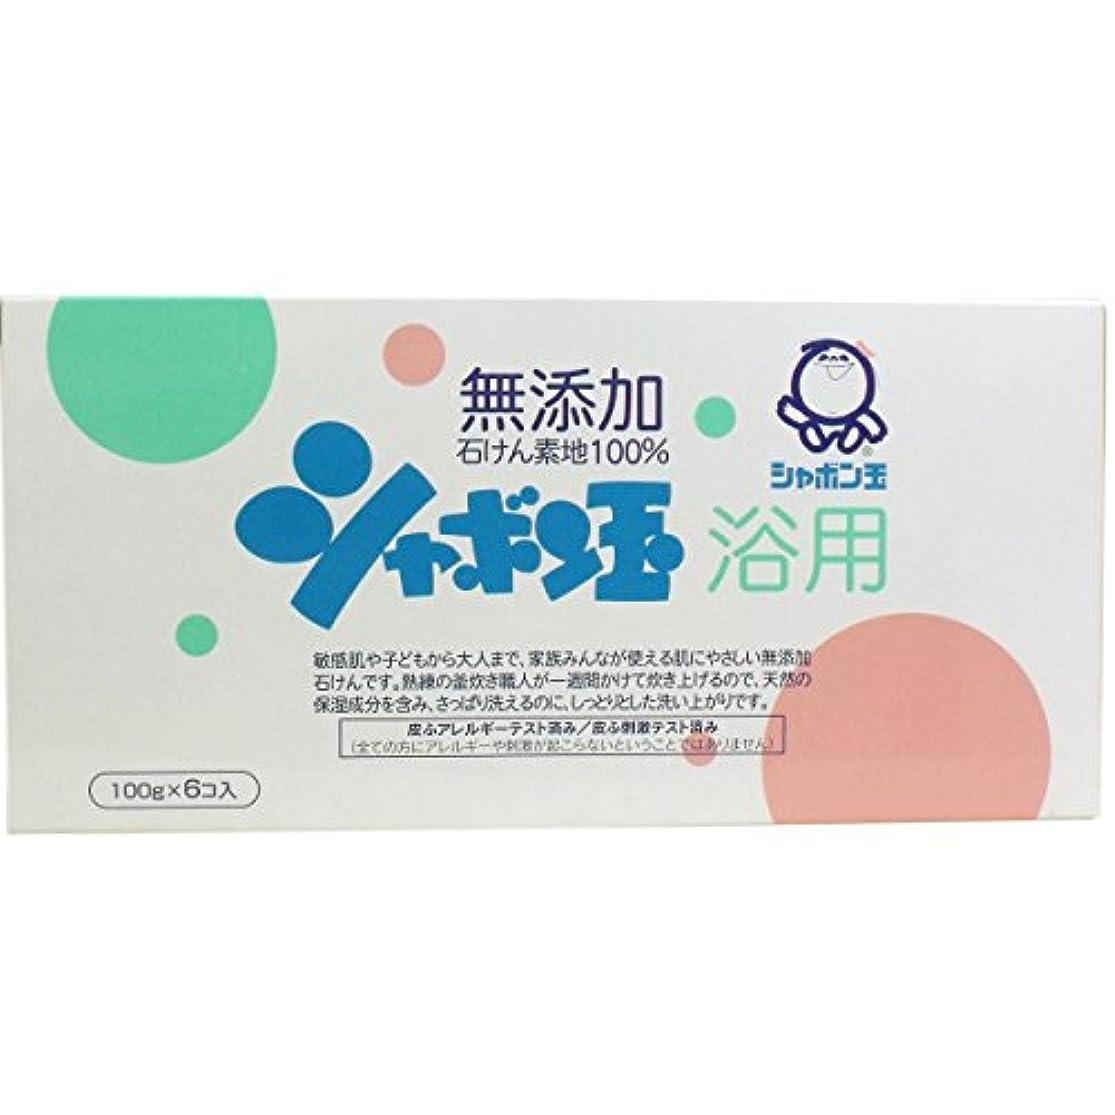 【セット品】化粧石けんシャボン玉浴用 6P 100G×3セット